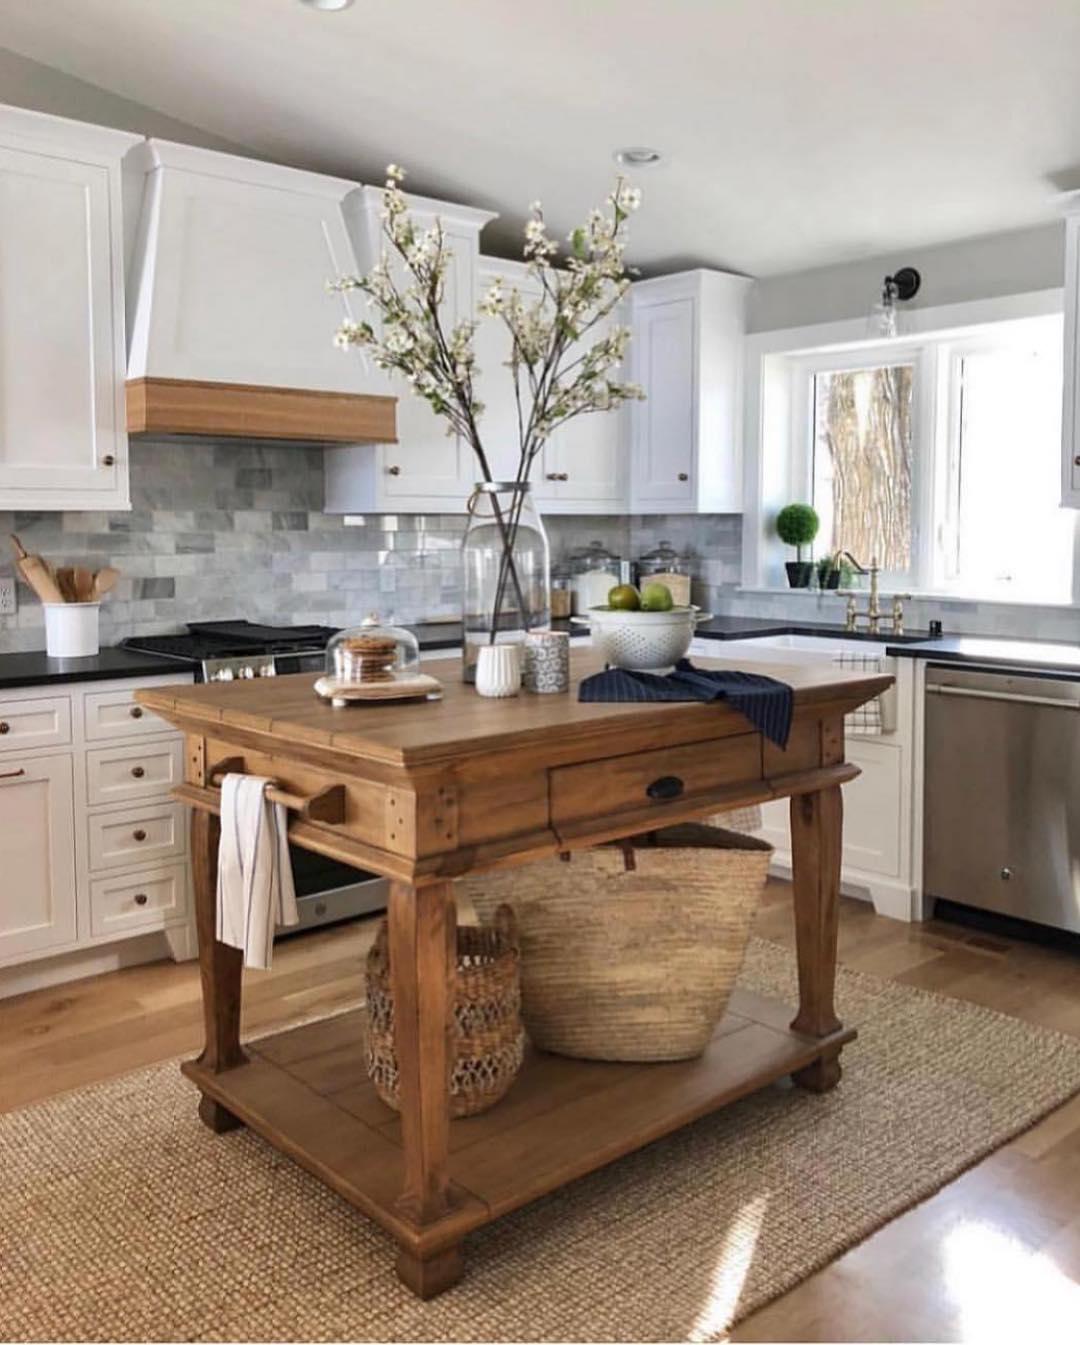 Desain Interior Dapur Ala Farmhouse yang Tampil Cantik Terkesan Klasik dan  Rustic - Inspirasi Desain Rumah Terkini